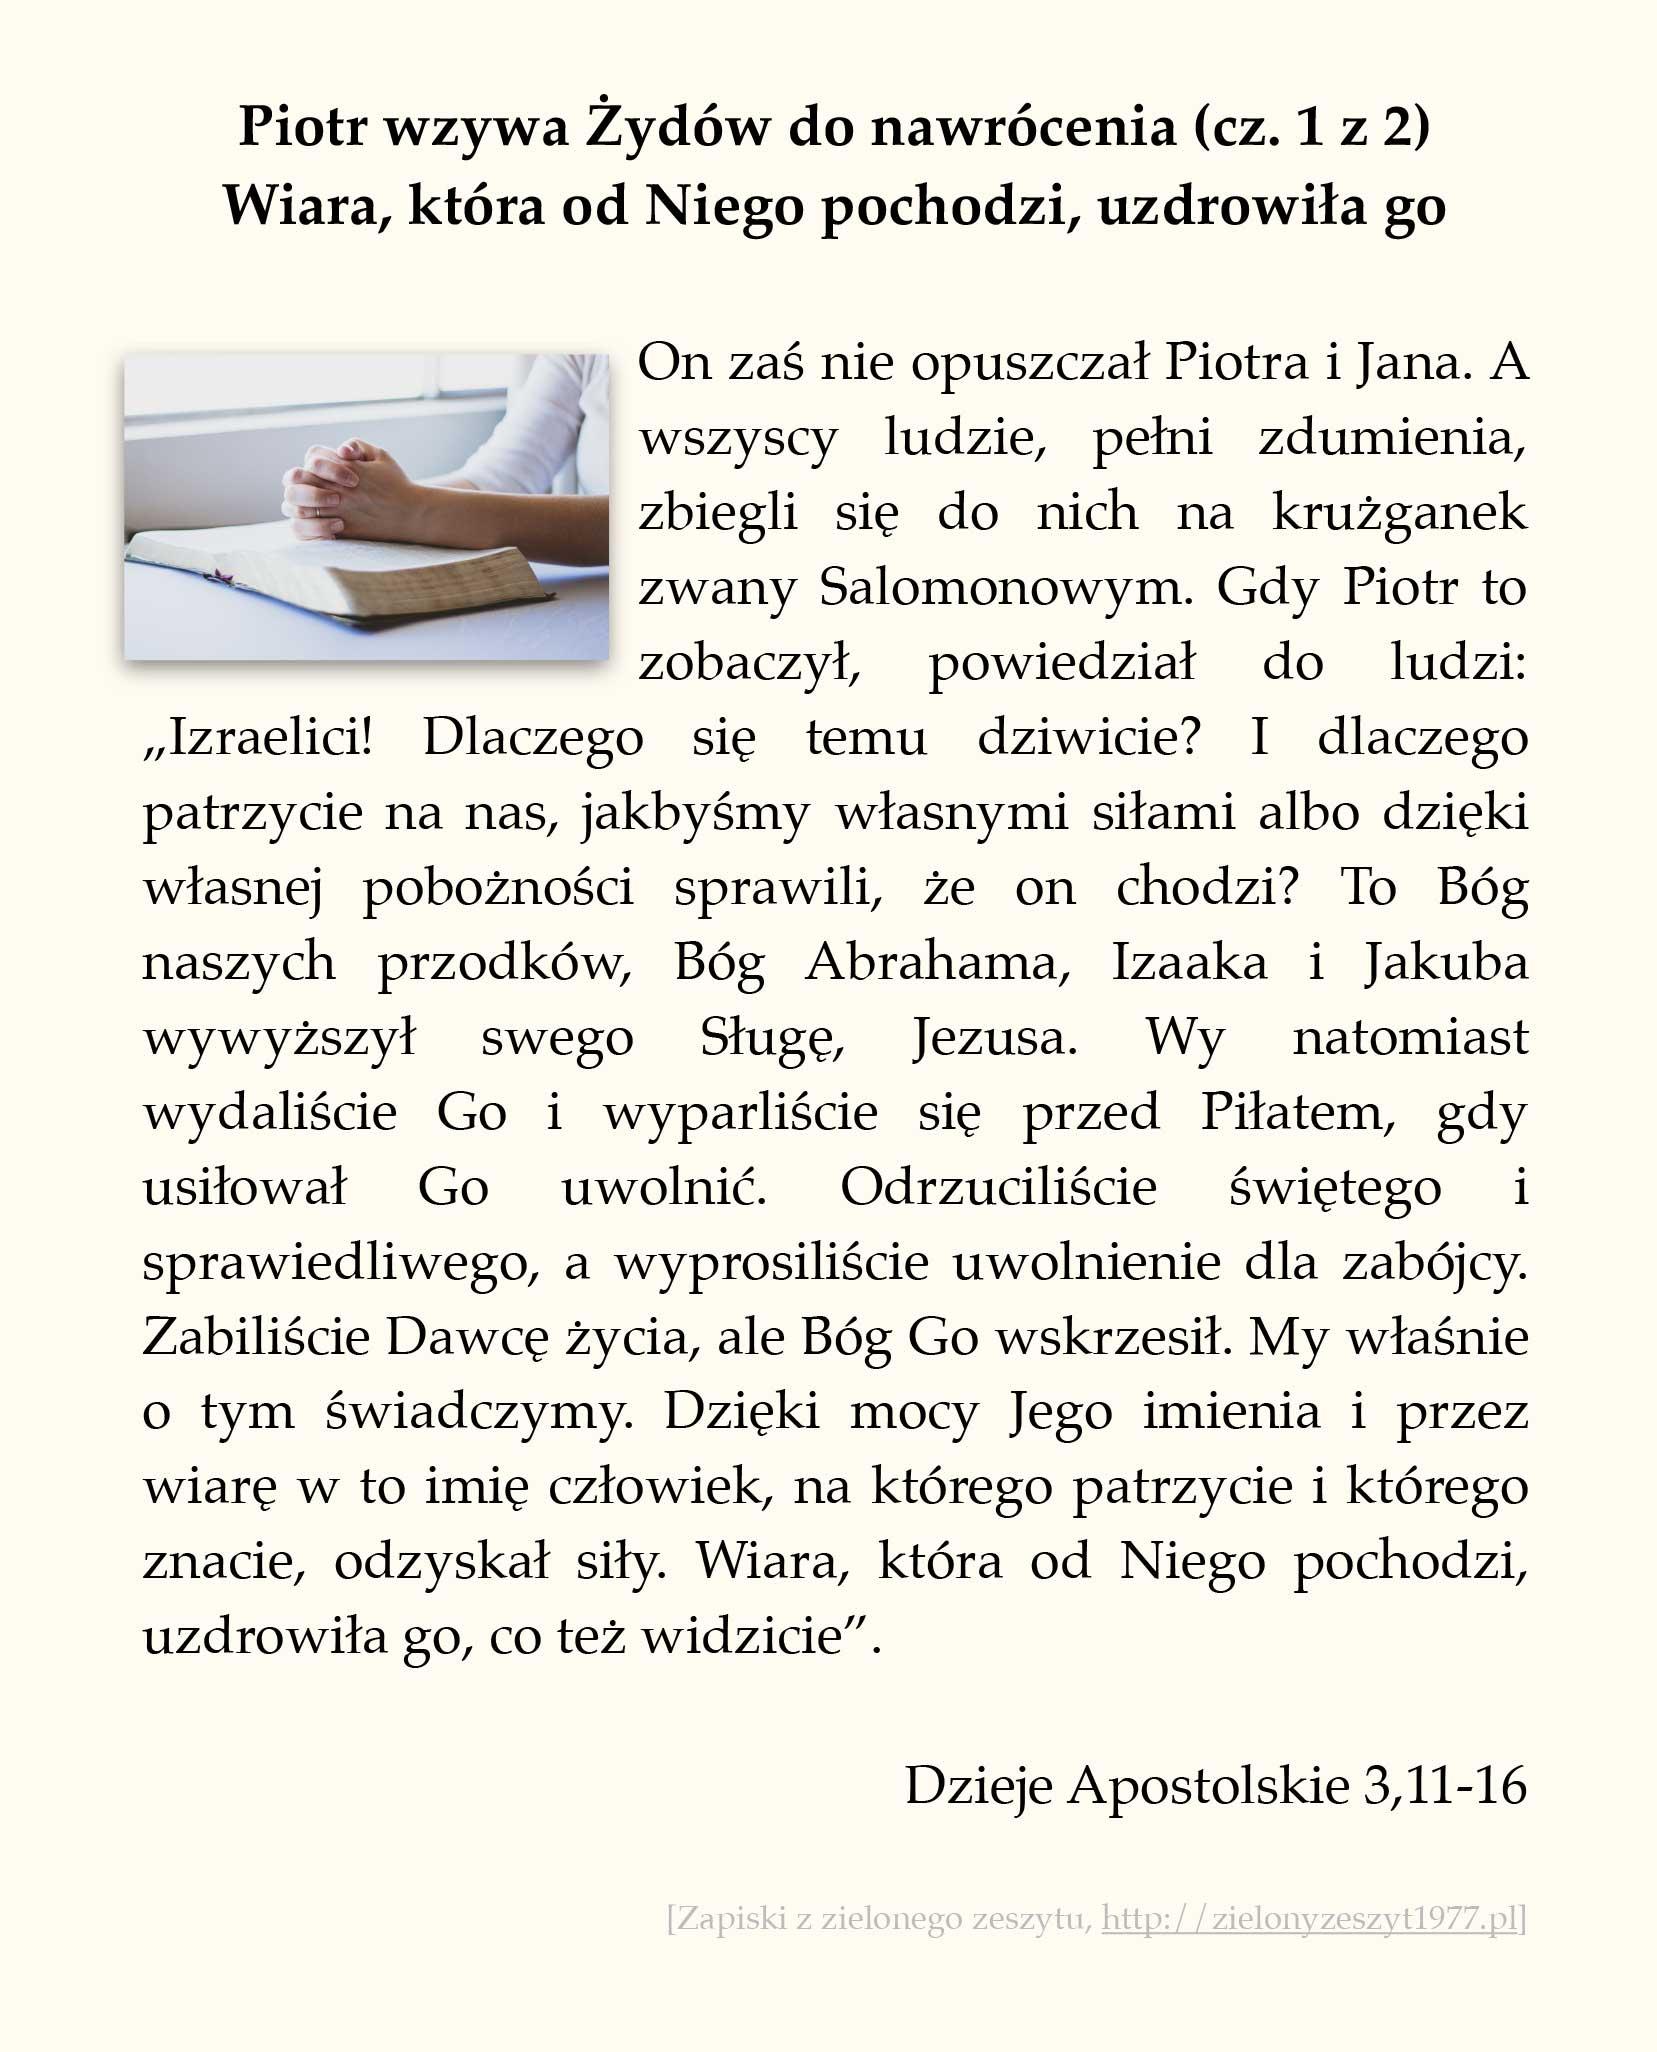 Piotr wzywa Żydów do nawrócenia (cz. 1 z 2) - Wiara, która od Niego pochodzi, uzdrowiła go; Dzieje Apostolskie (#13)